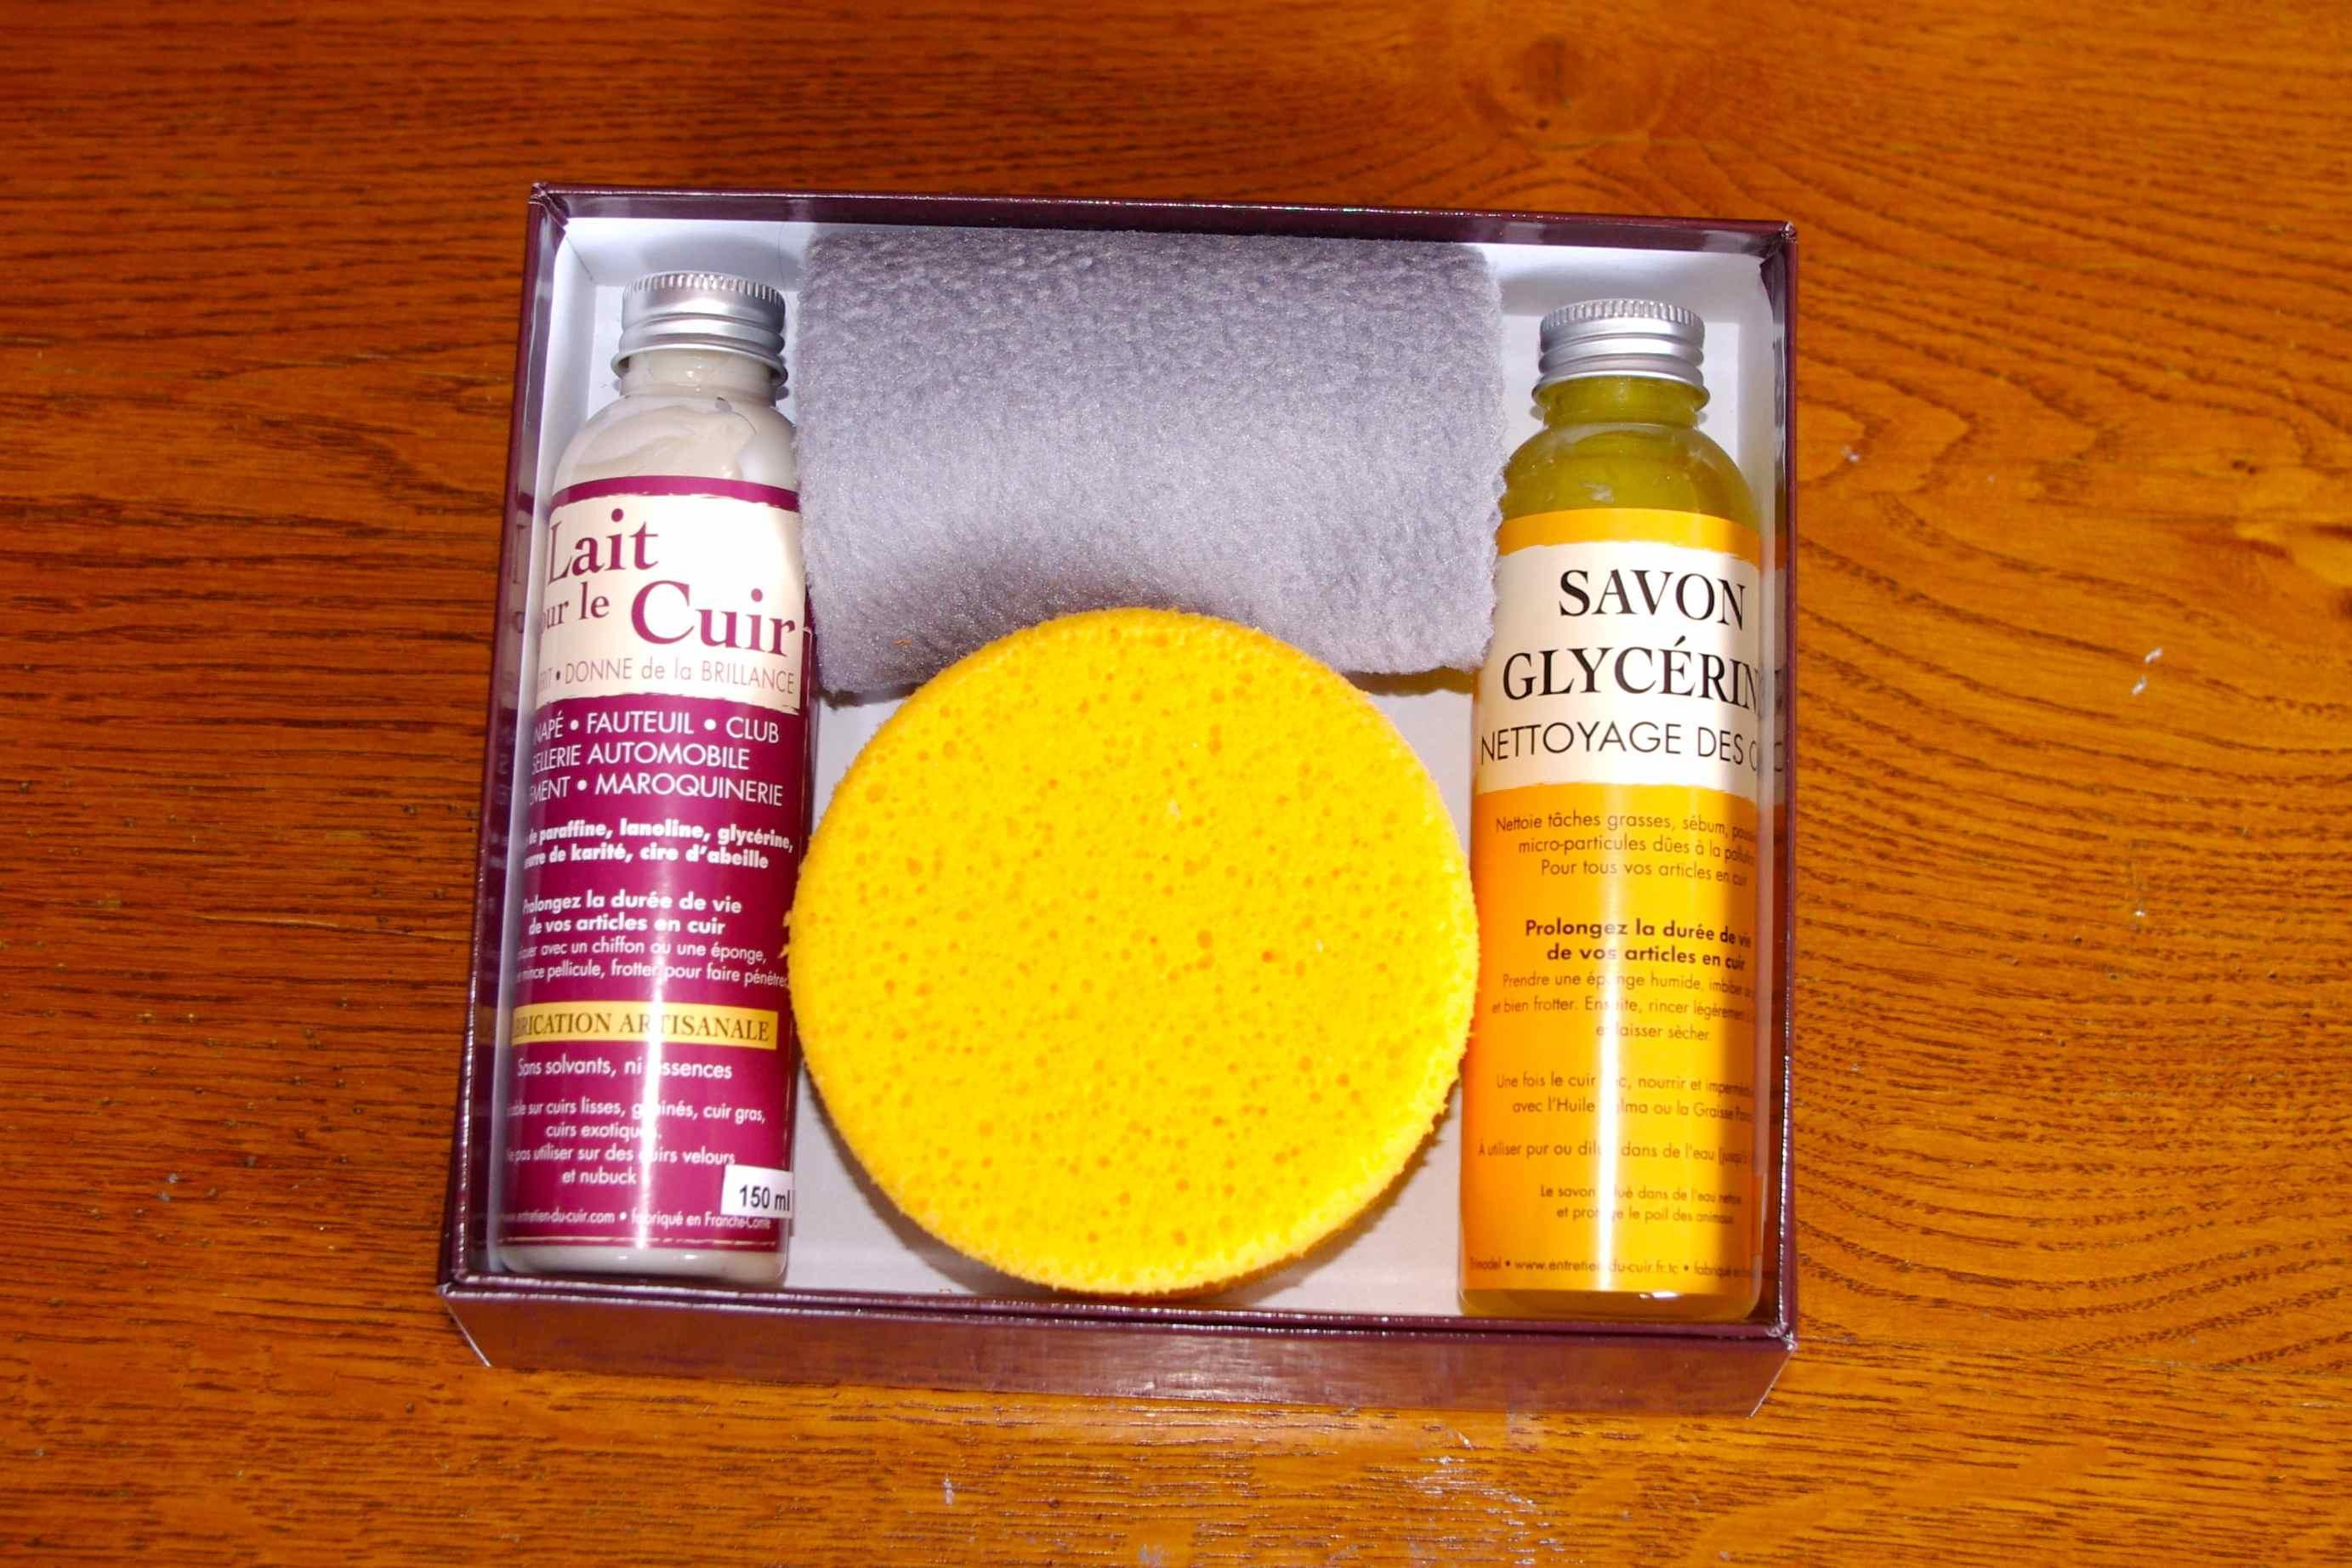 Entretien Du Cuir D Ameublement coffret carton n°1 - coffrets - pour le cuir vêtement, cuir